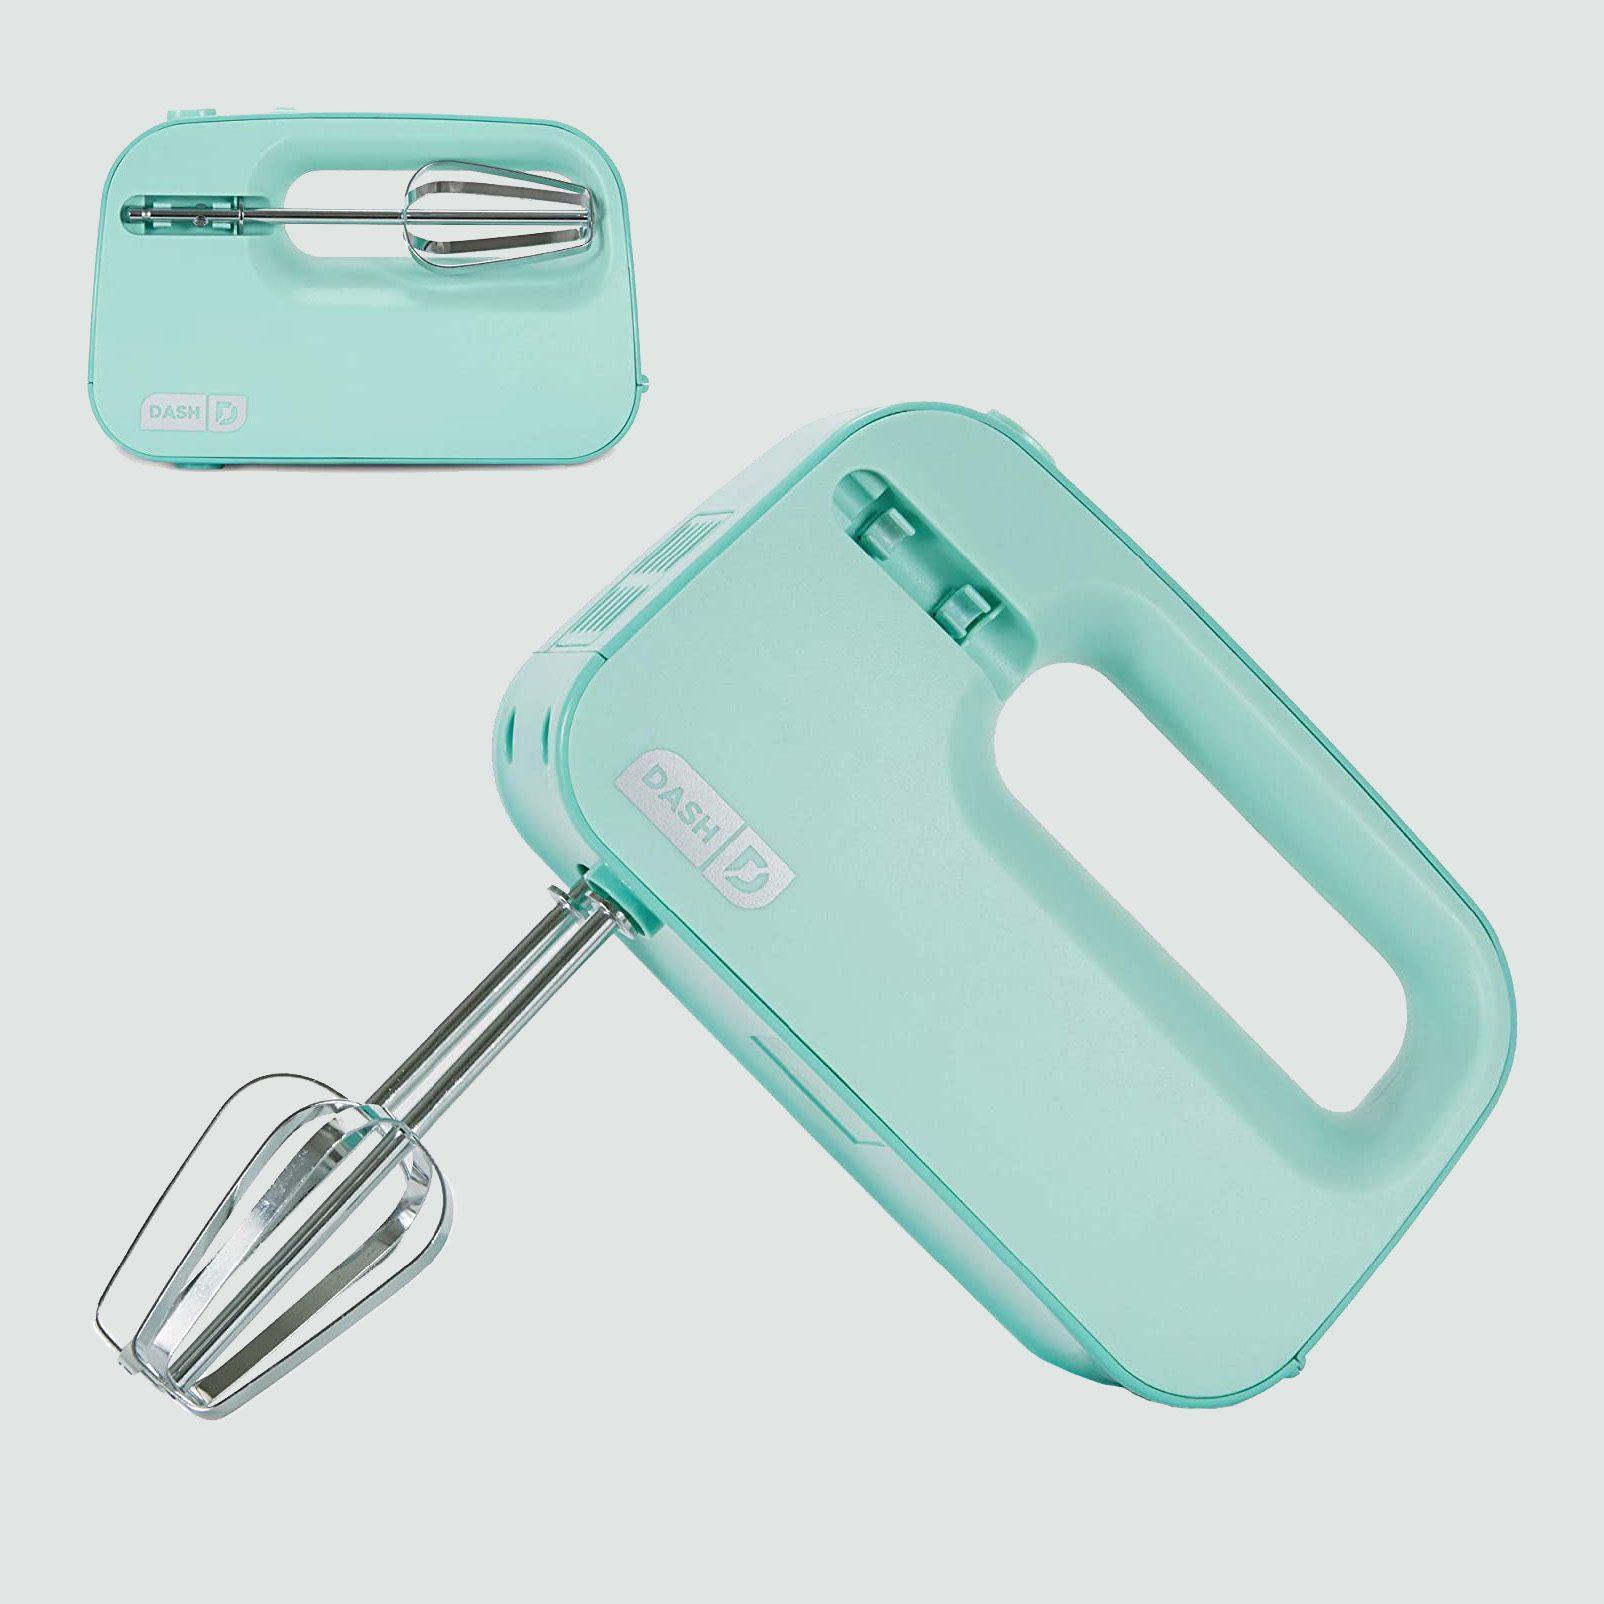 Dash Compact Hand Mixer